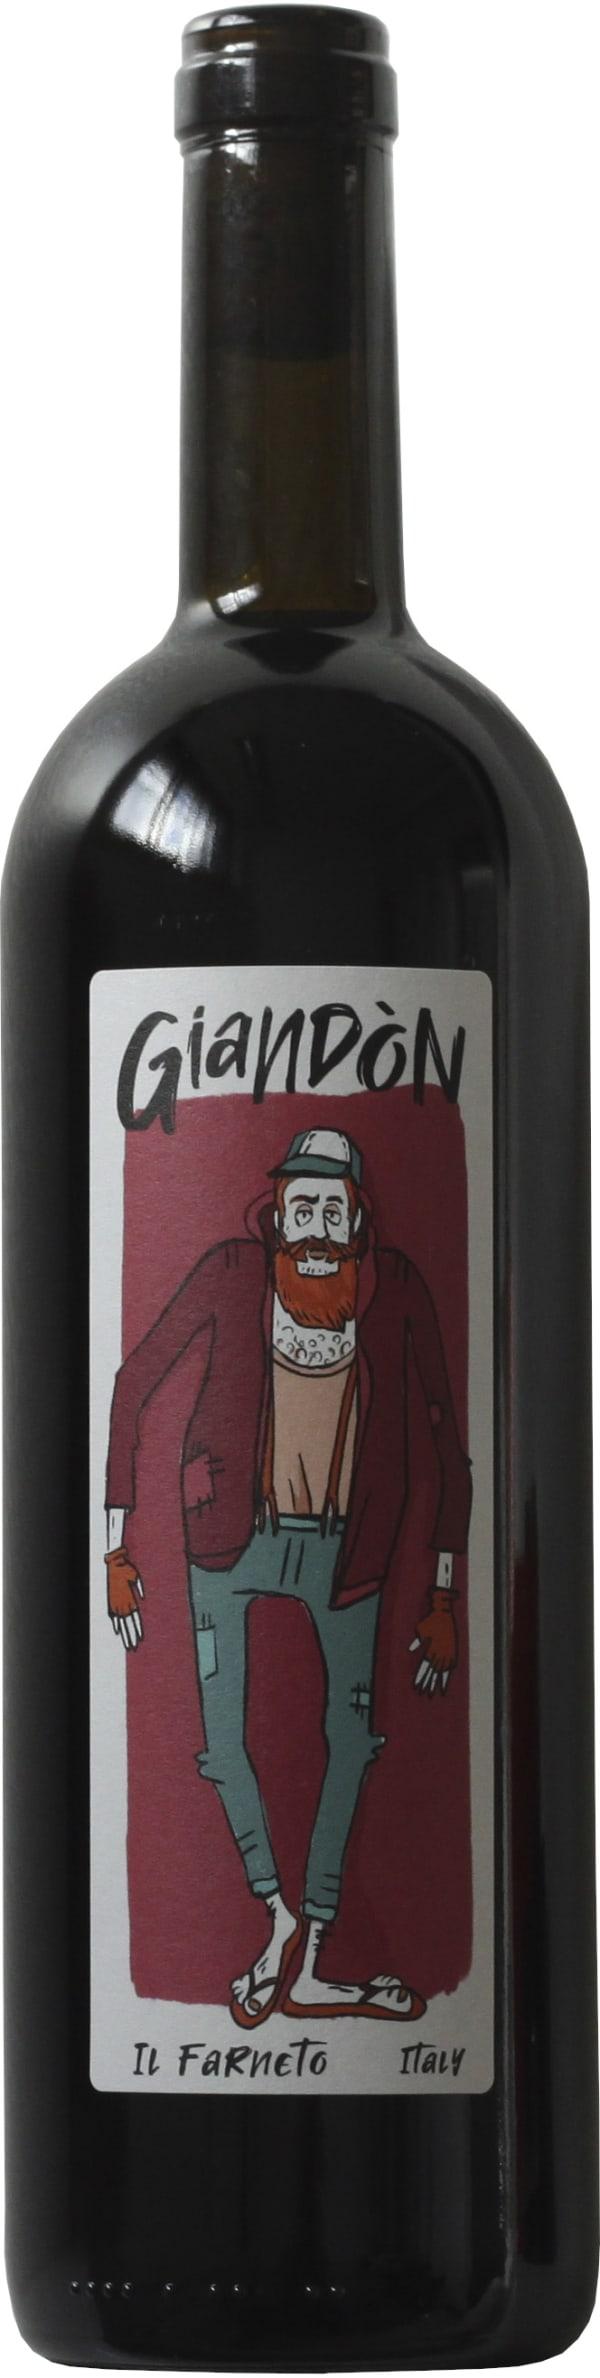 Il Farneto Giandòn